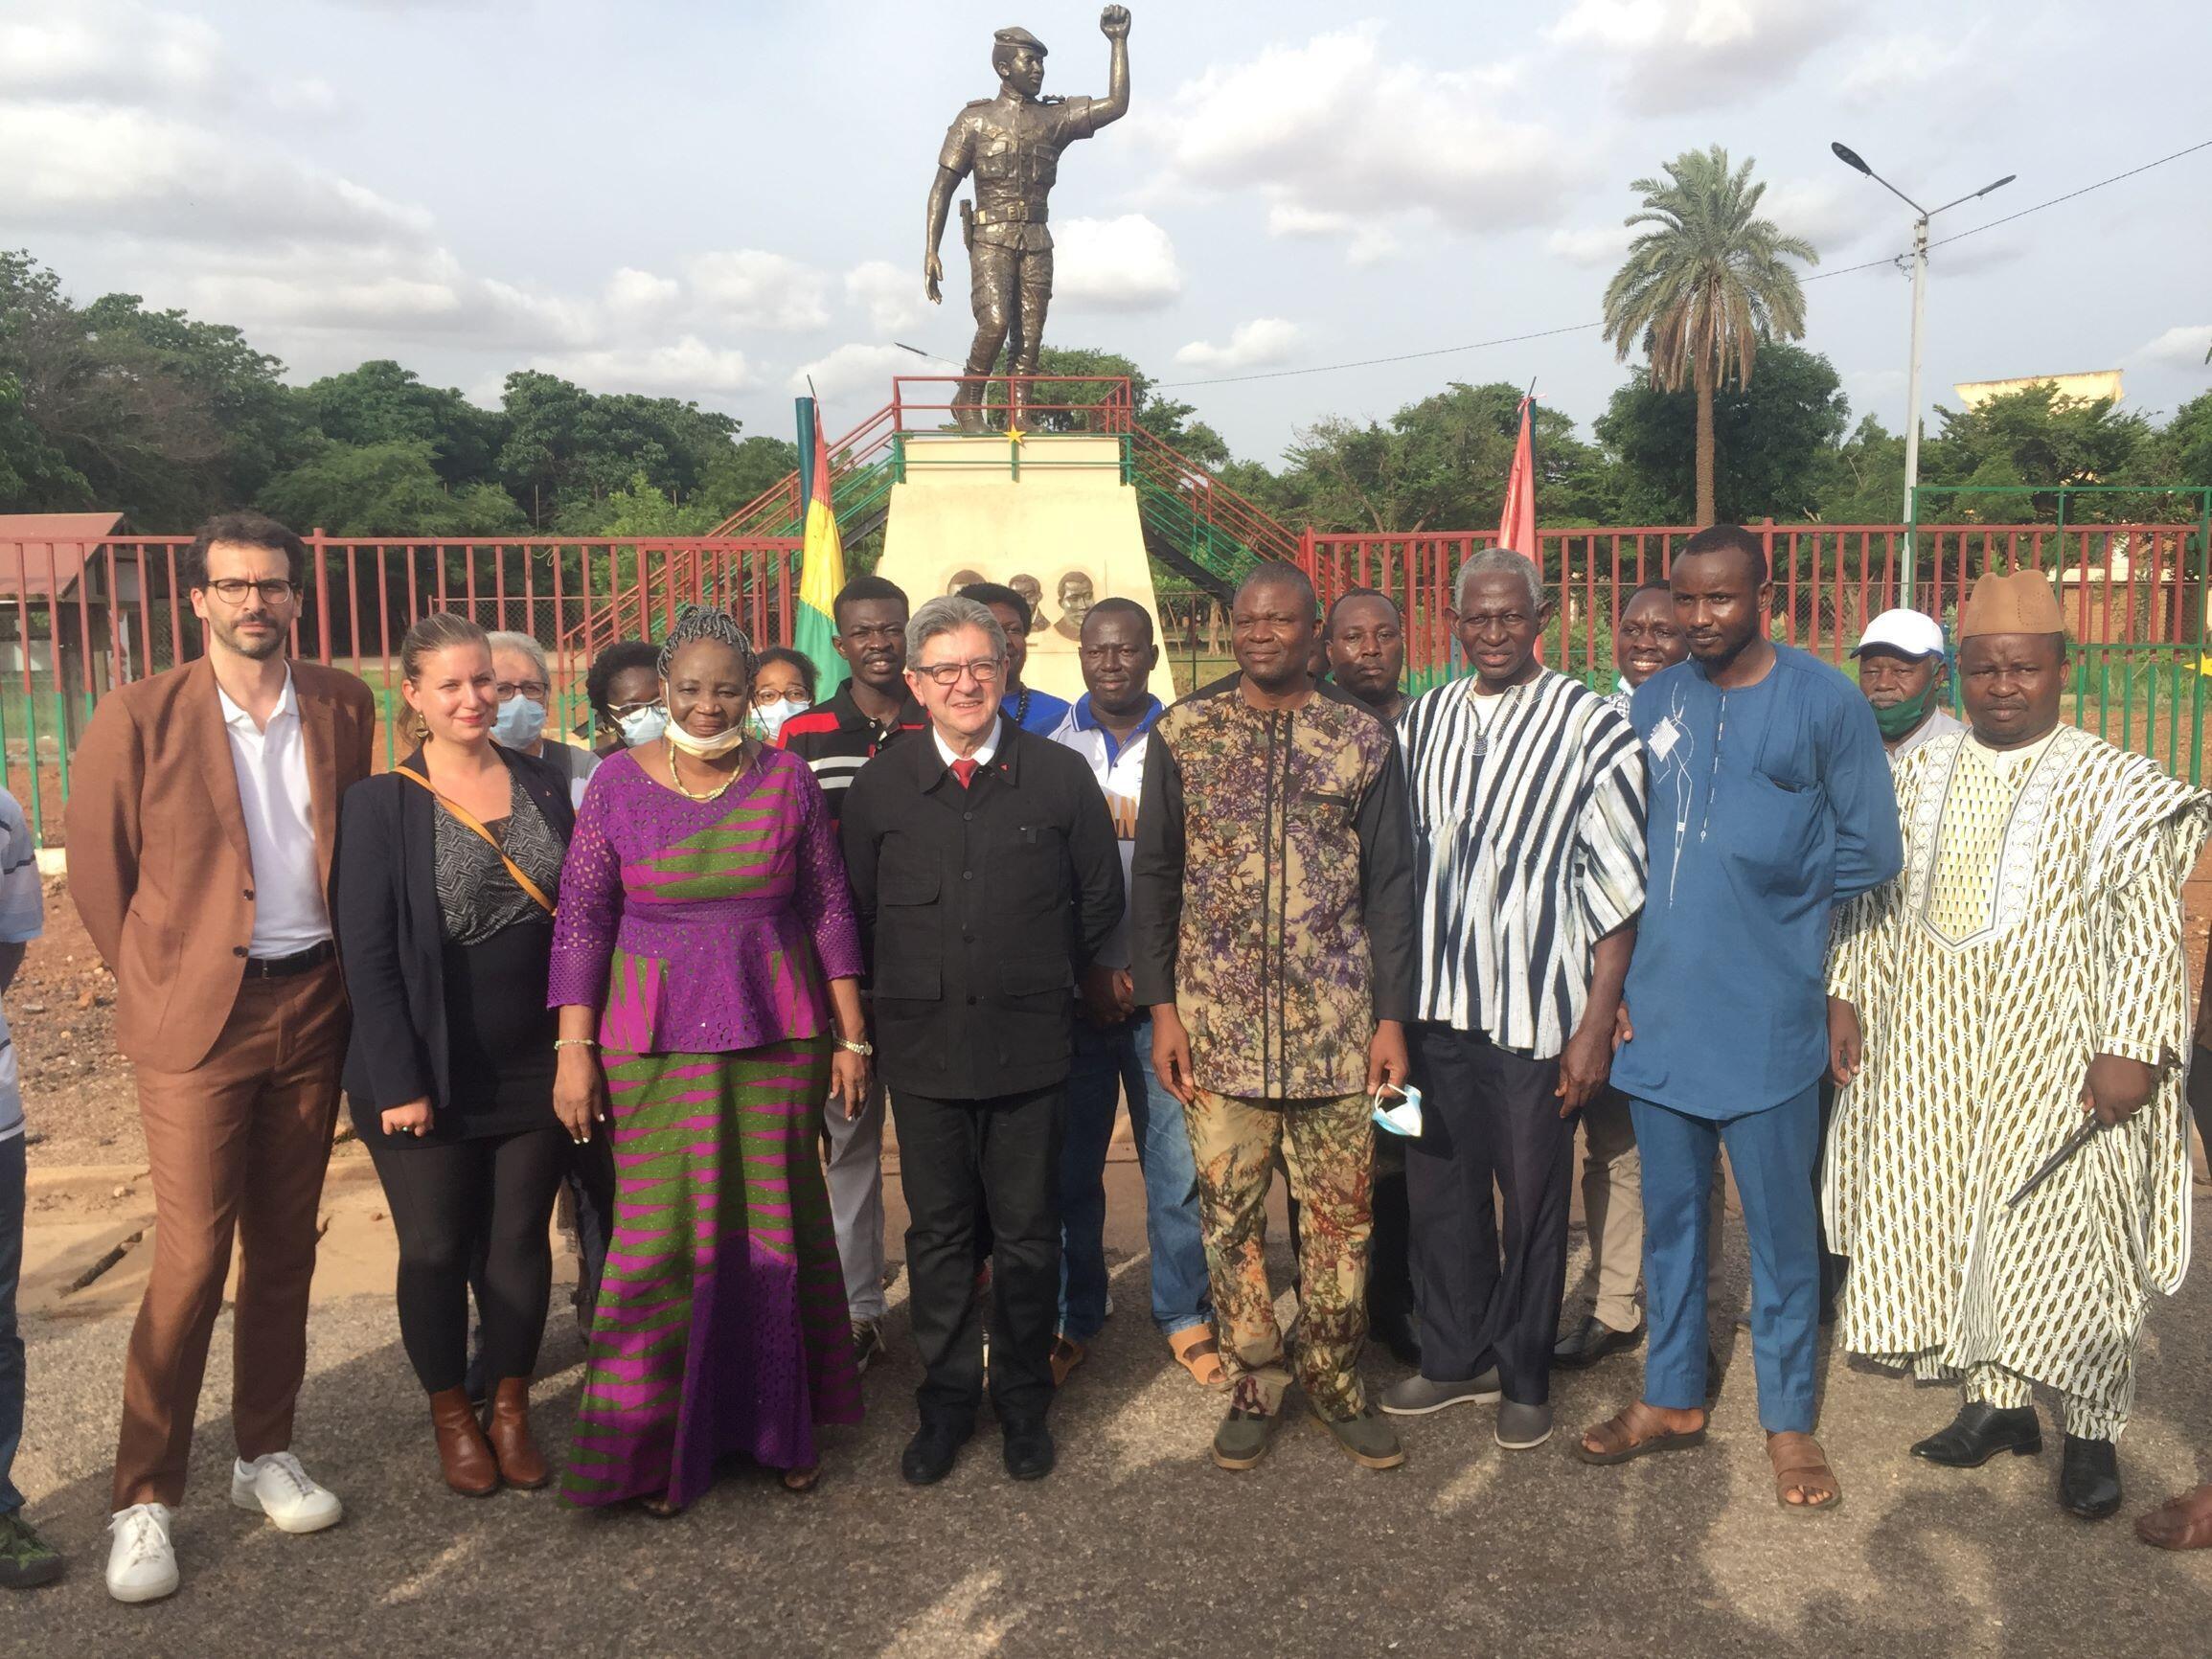 Le député français Jean-Luc Mélenchon et sa délégation, en compagnie des membres du comité Mémorial Thomas Sankara et un représentant de la famille de Thomas Sankara.